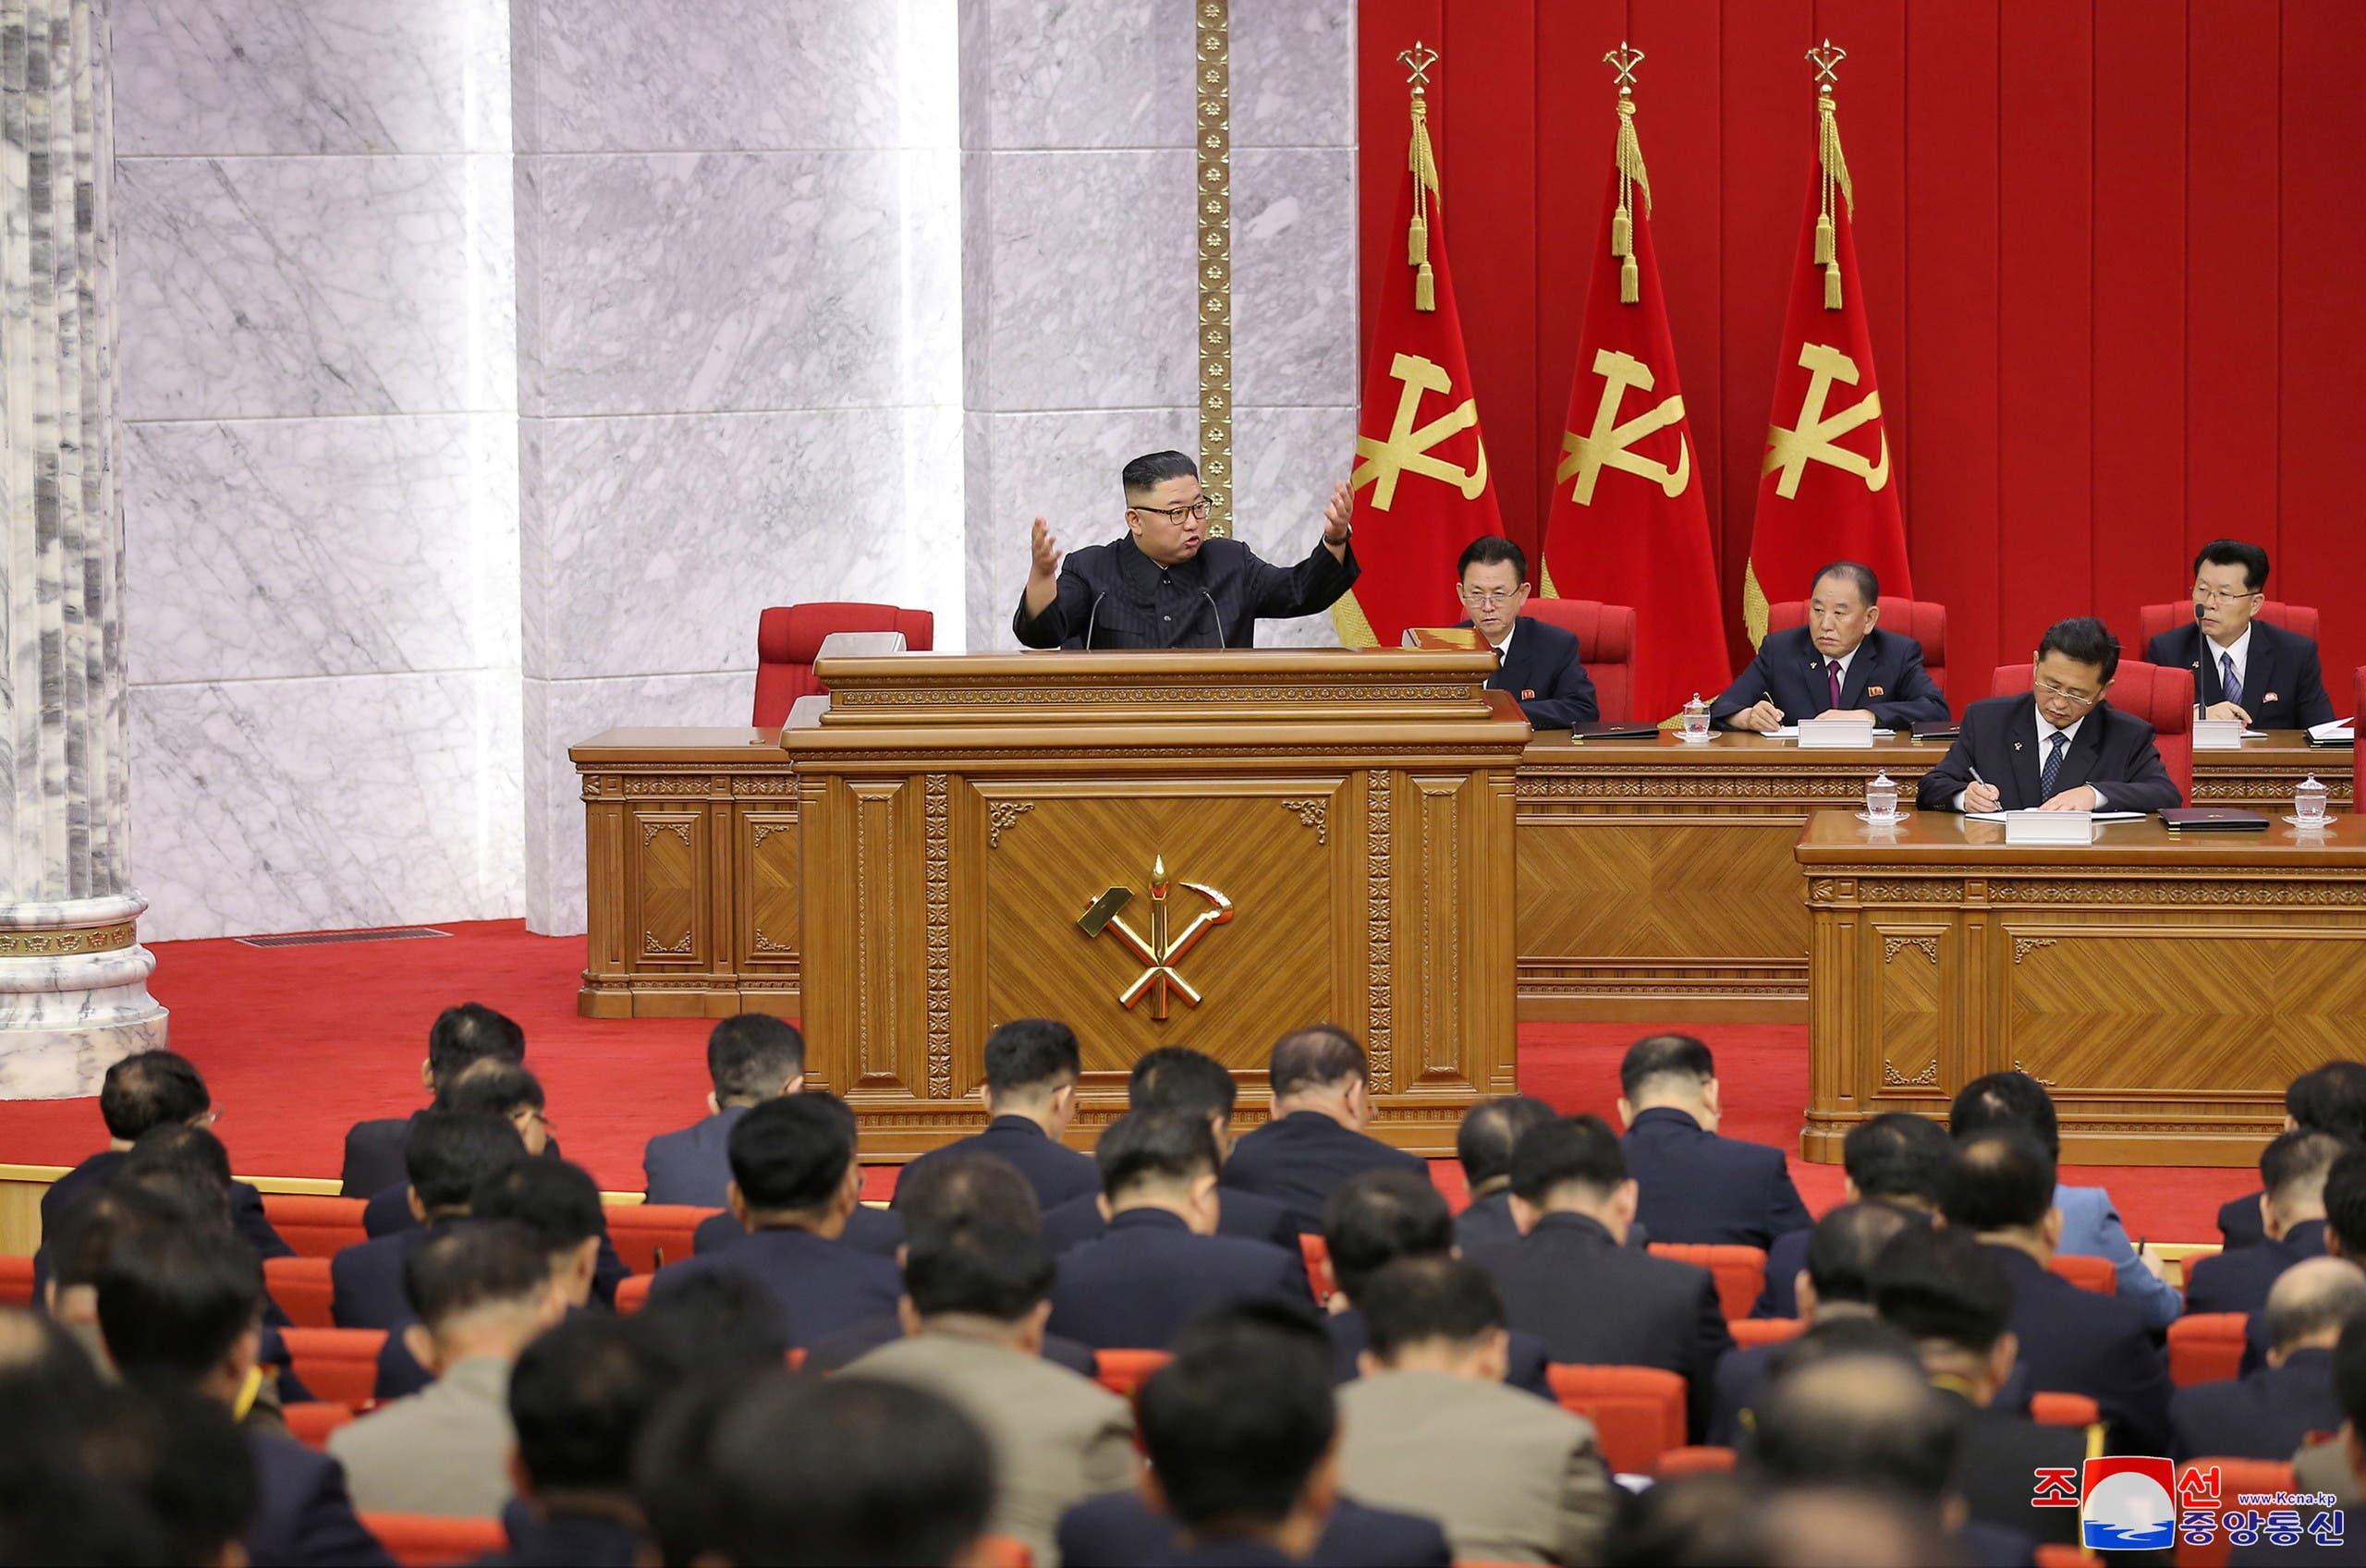 كيم جونغ أون خلال اجتماع الحزب الحاكم